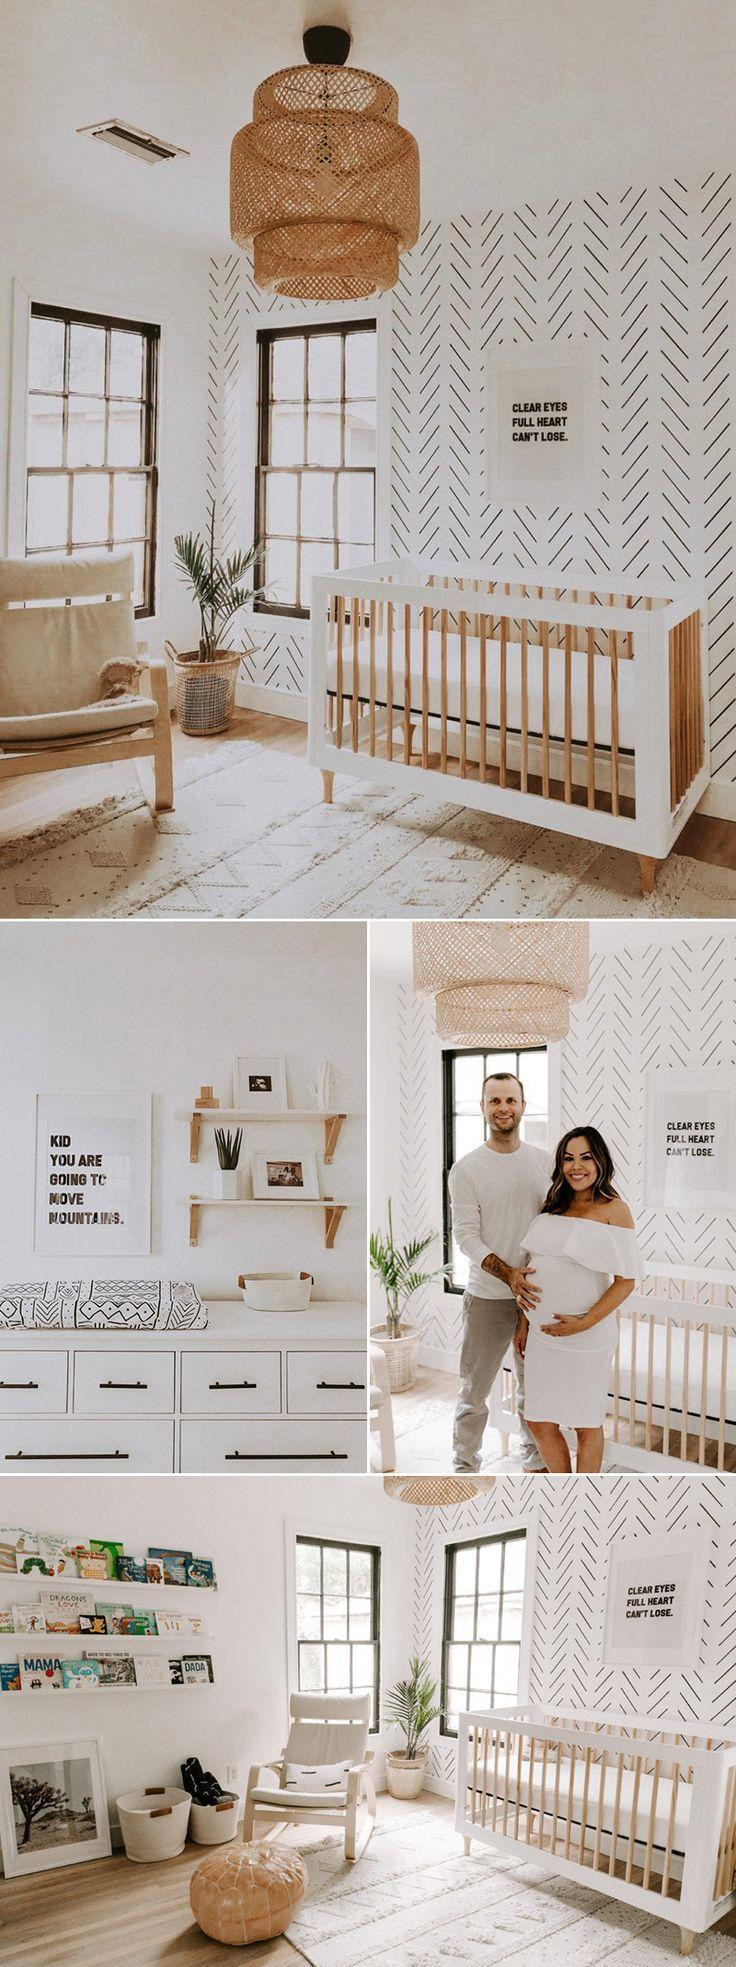 Earthy Nursery Trend! 5 moderne neutrale Kinderzimmer-Ideen, die wir lieben! Earthy Nursery Trend 2019! 5 moderne neutrale Kinderzimmer-Ideen, die wir lieben! Minimalistisch …